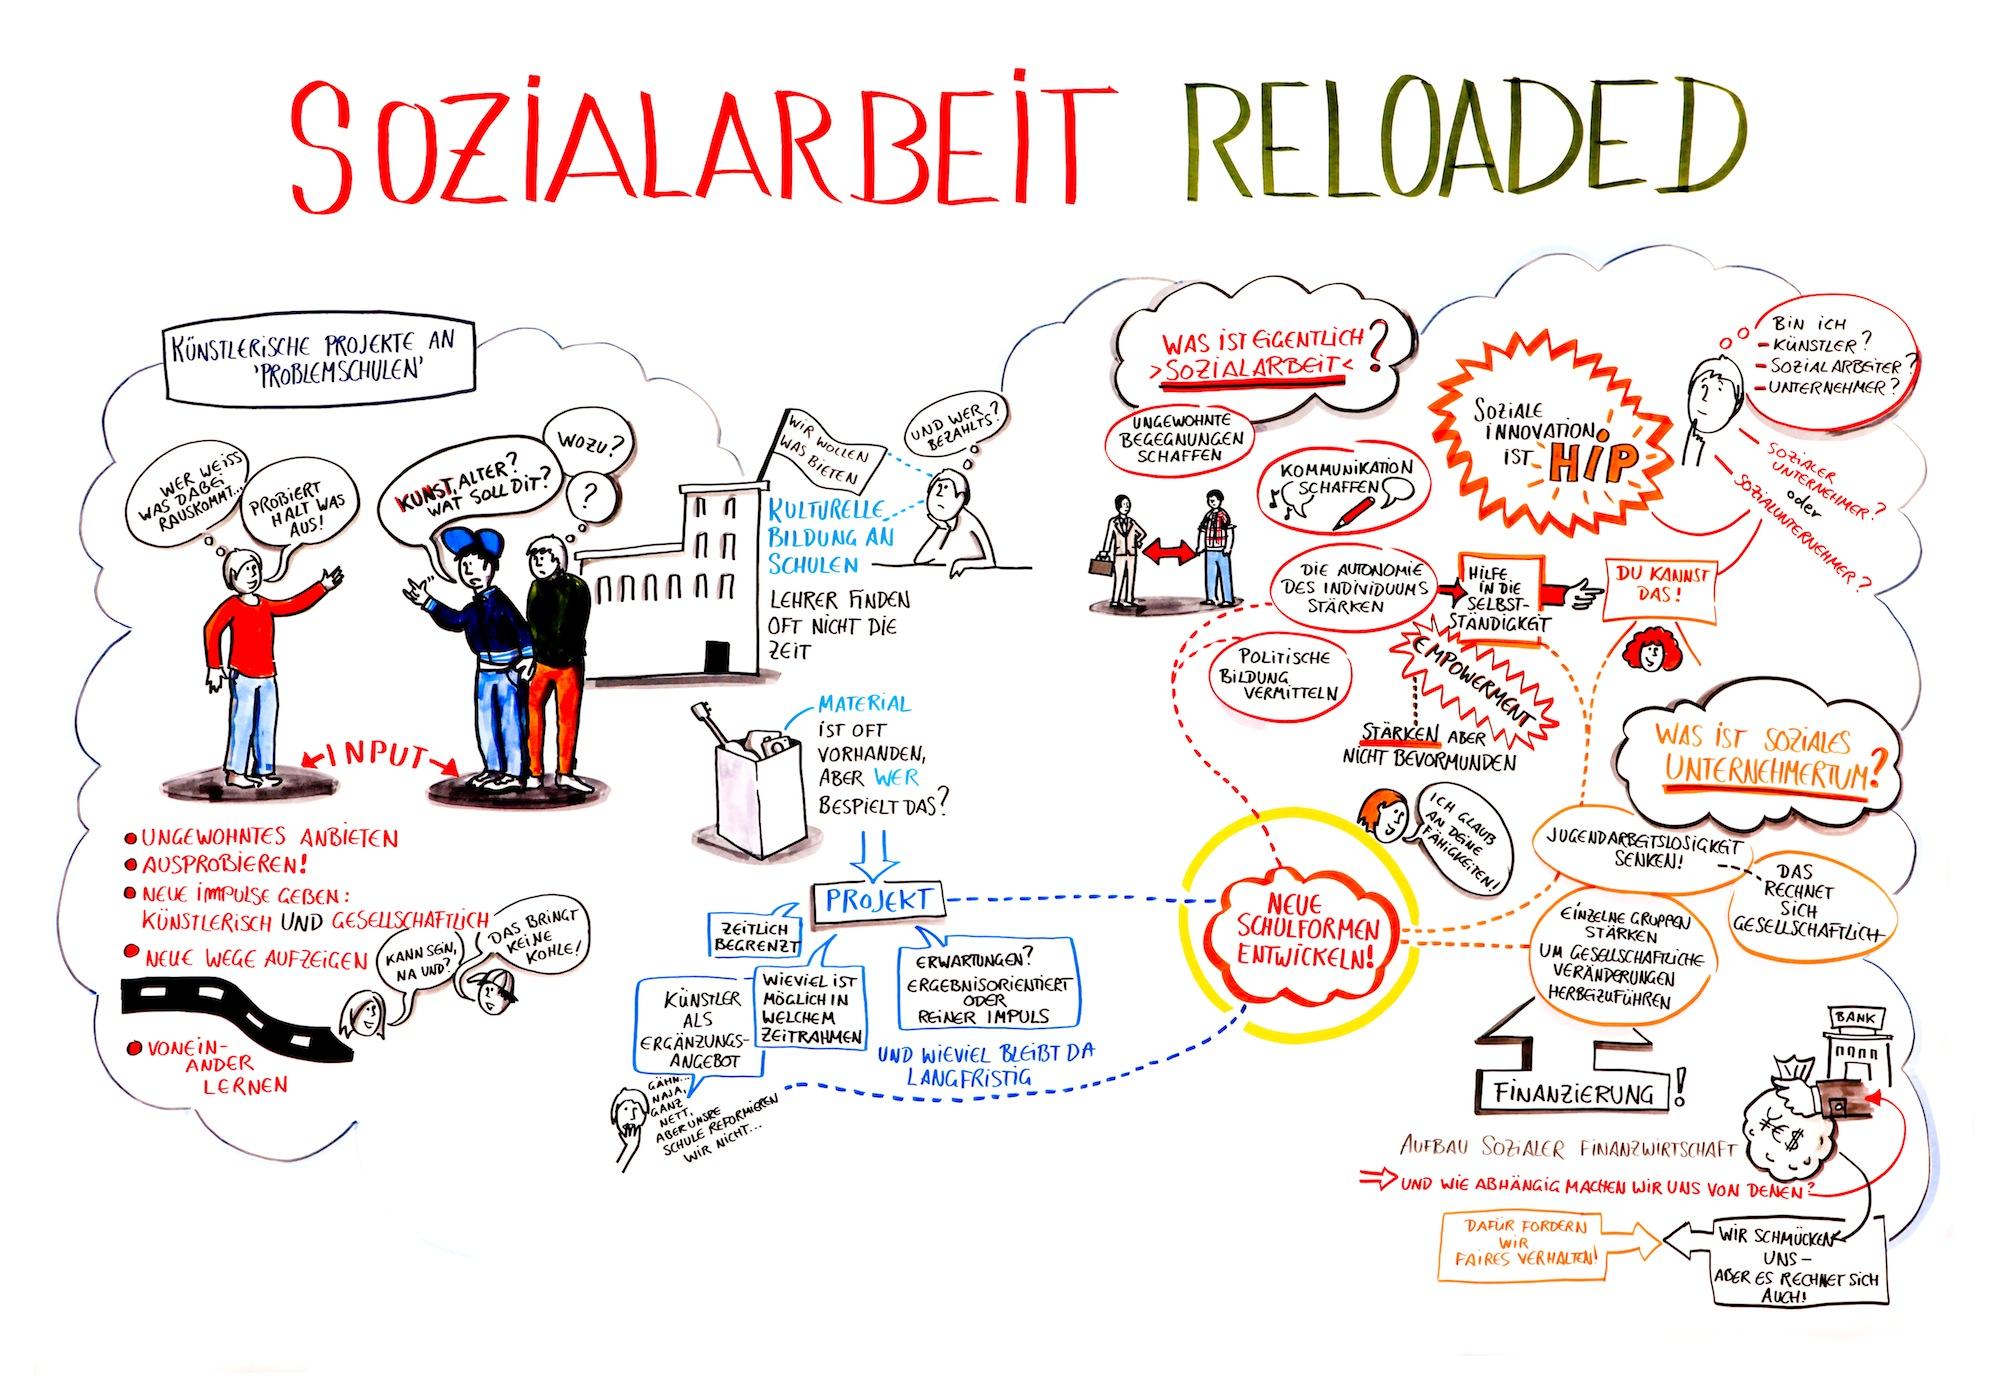 BQV – Sozialarbeit Reloaded